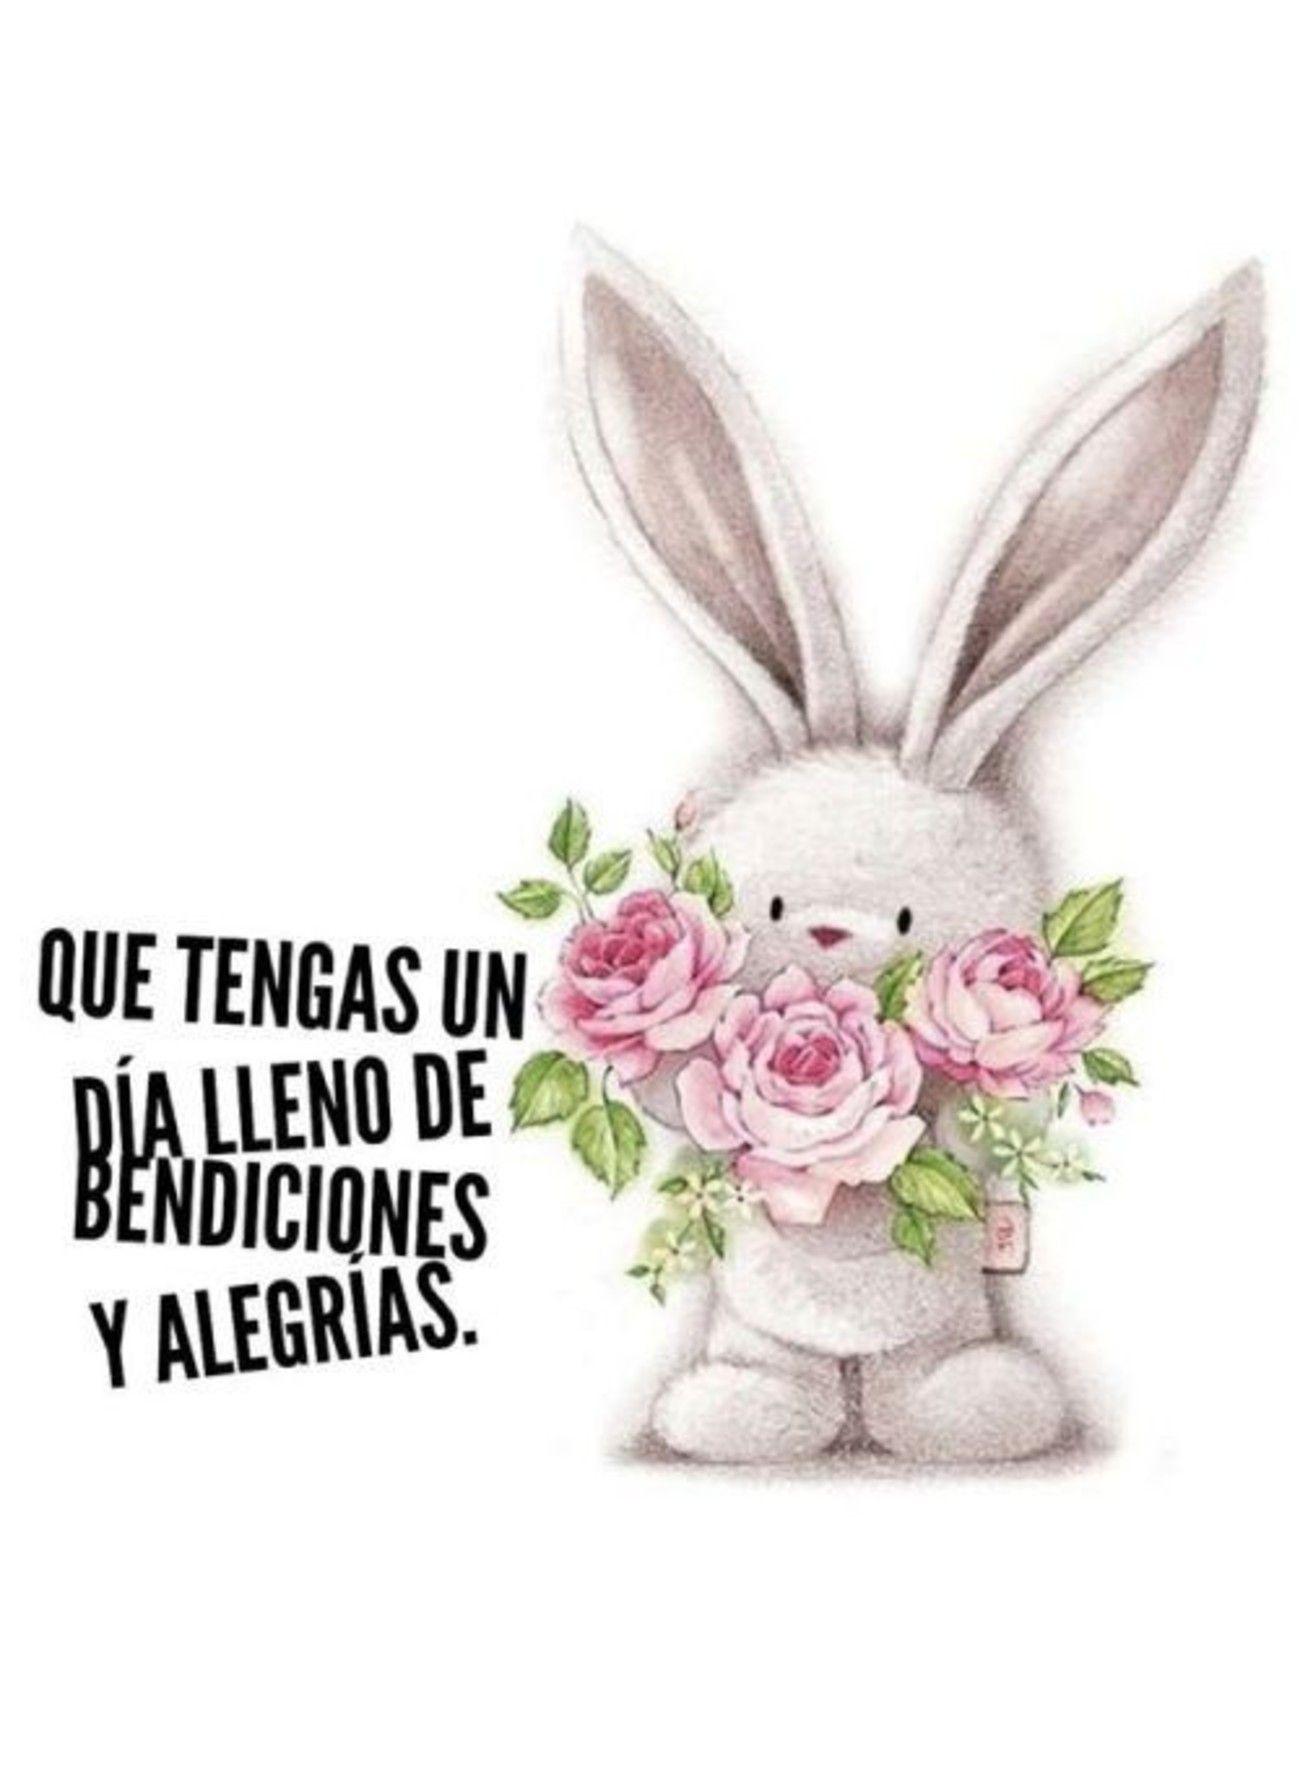 Buenos Días amigos imágenes gratis - BonitasImagenes.net